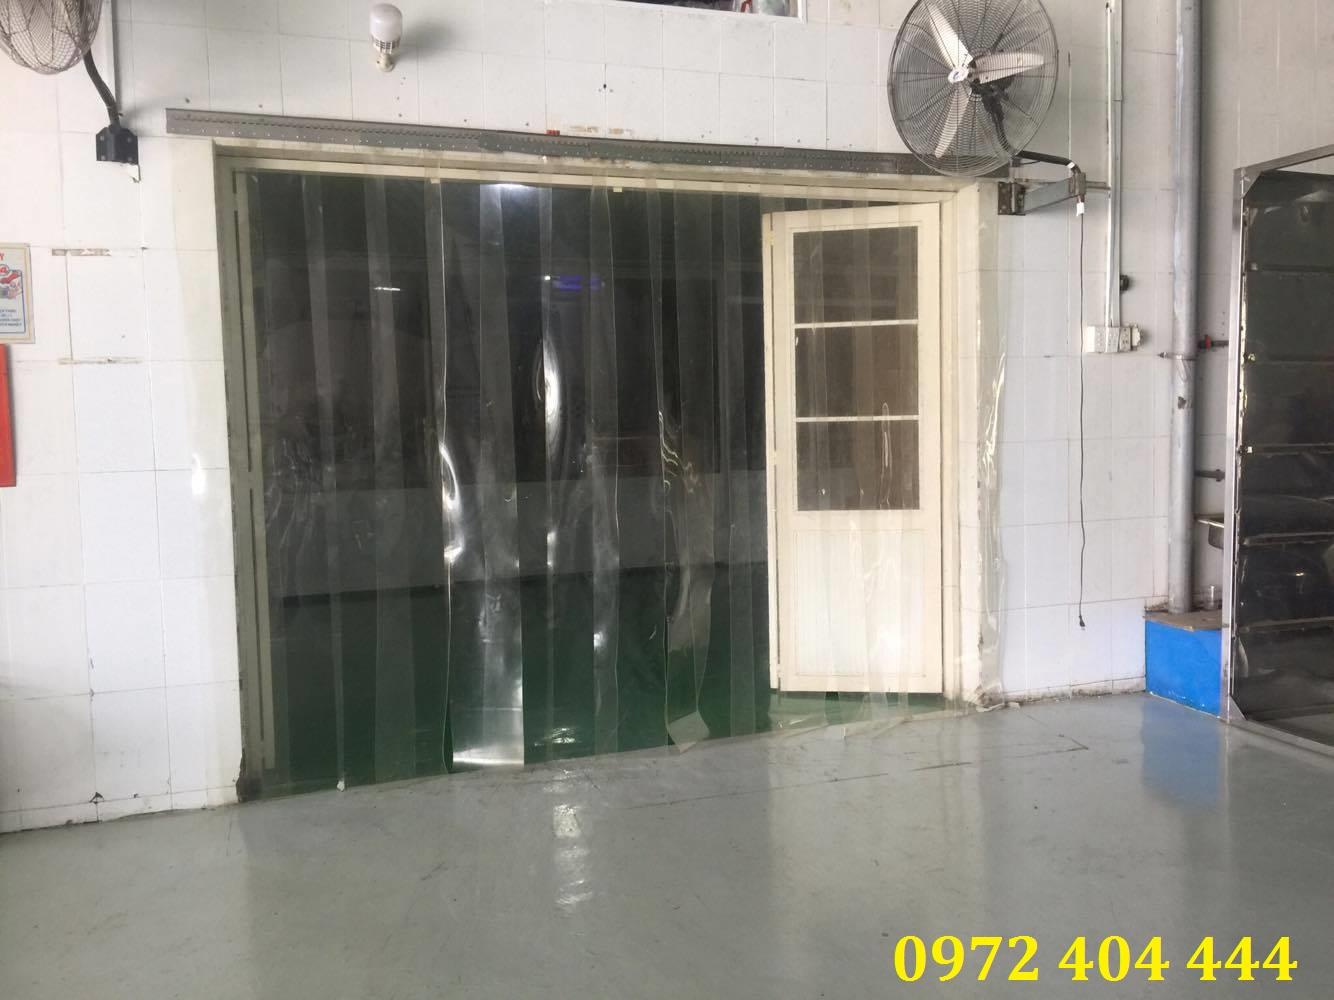 Màn nhựa PVC cho cửa kho hàng